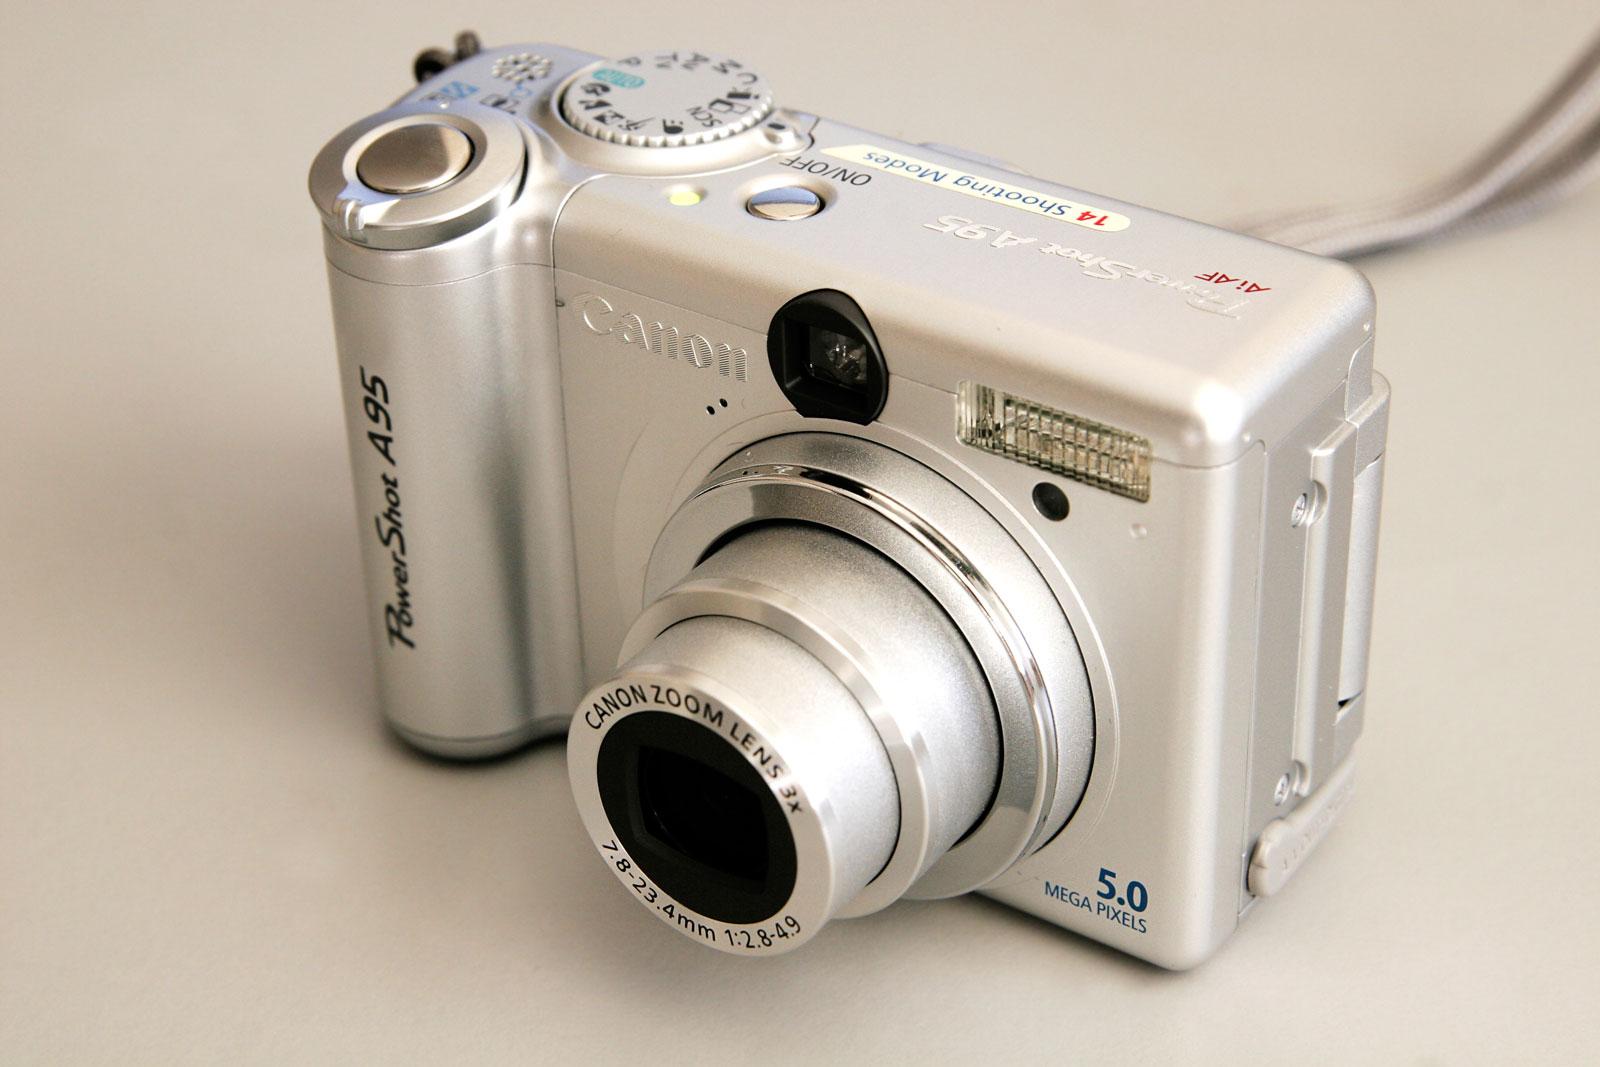 Фото из потерянного фотоаппарата 21 фотография